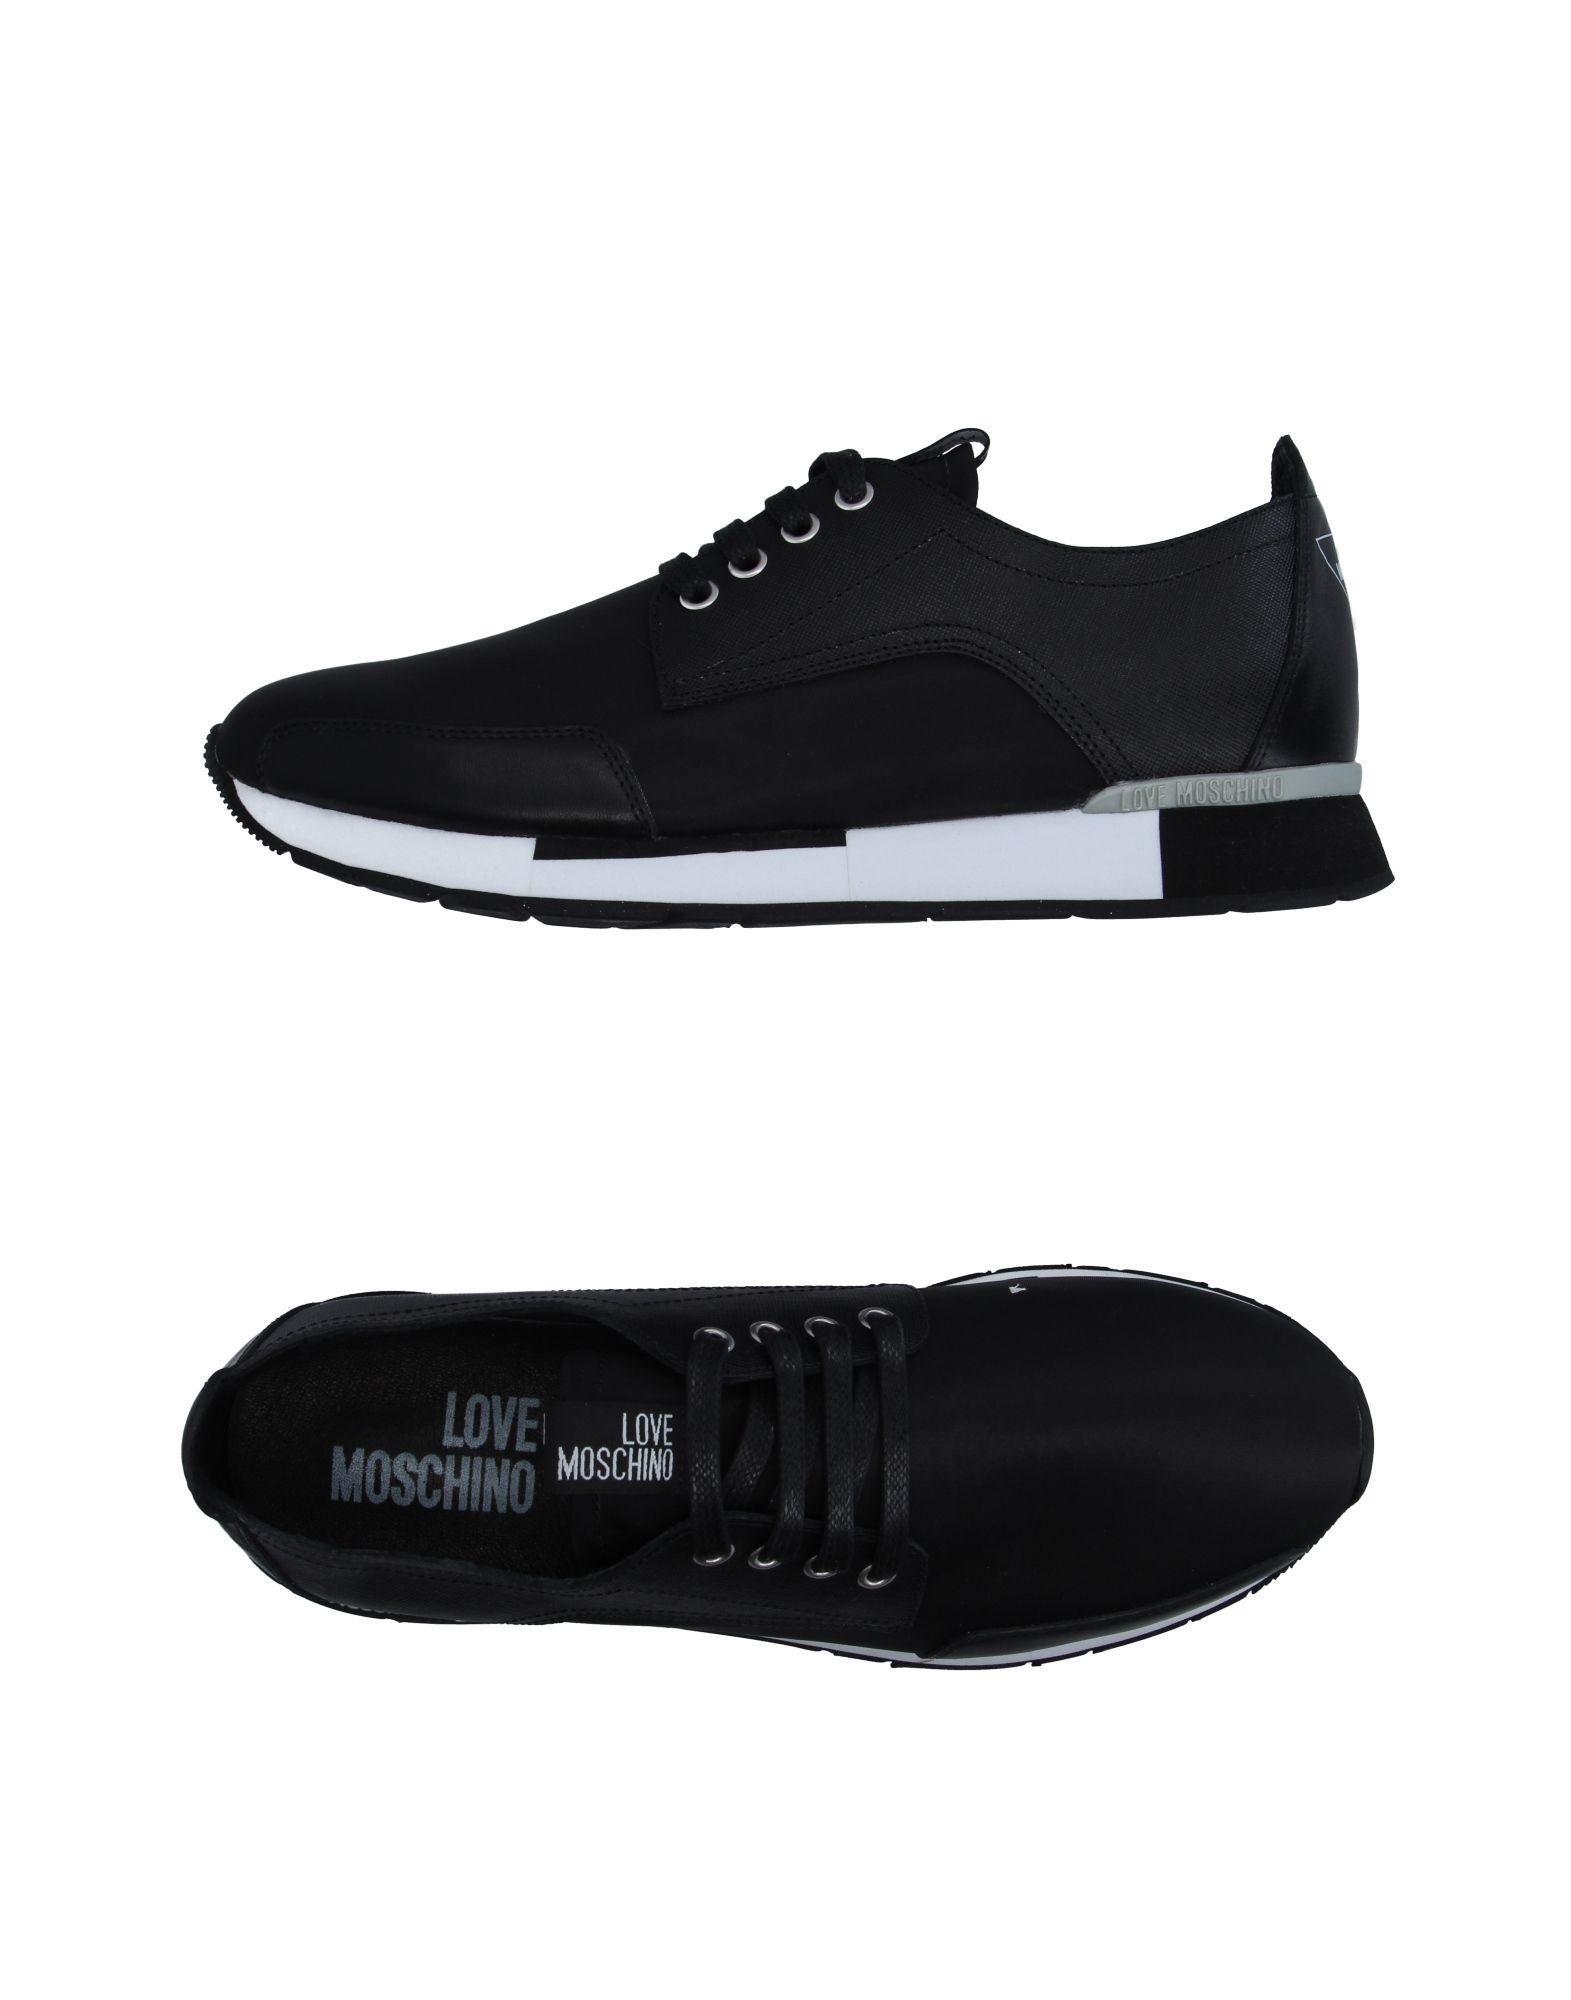 Zapatos Hogan Falsos